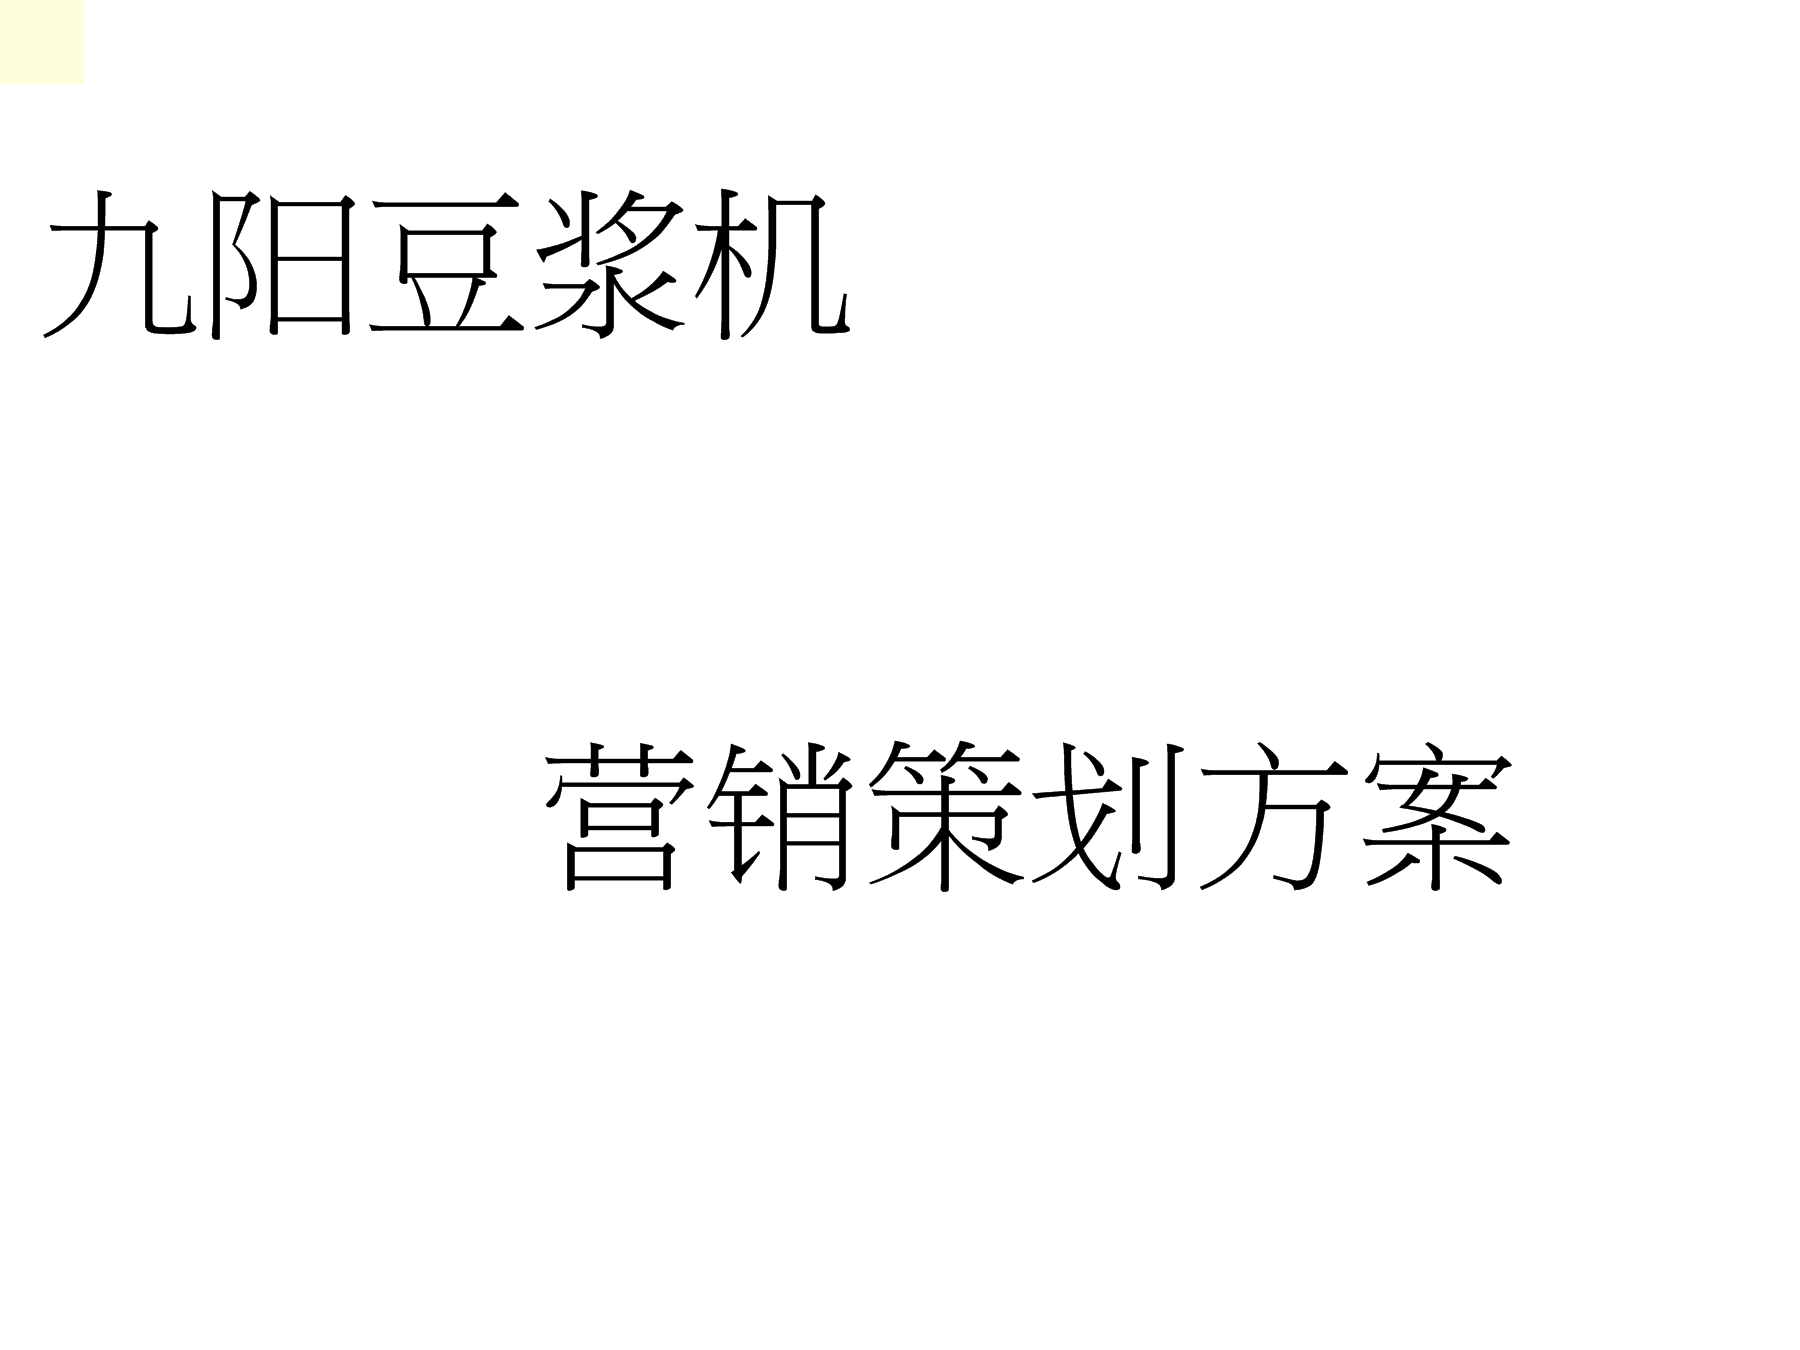 九阳豆浆机营销策划案营销策划方案案例.docx